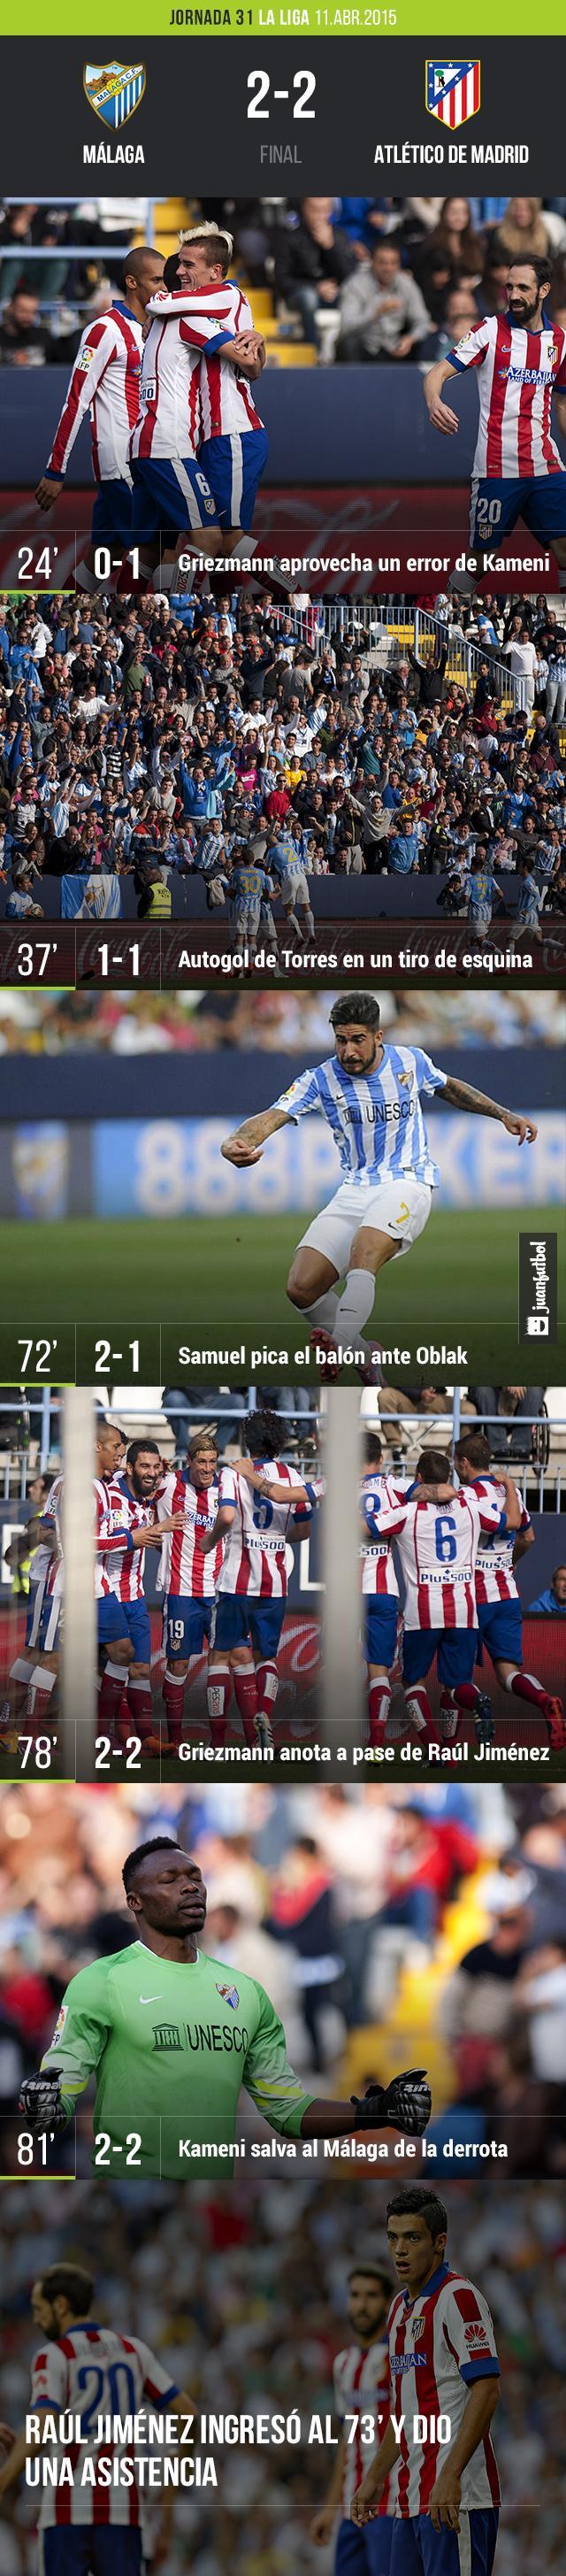 Atlético de Madrid empató en la Rosaleda ante el Málaga a dos goles, con anotaciones de Griezmann, uno asistido por Raúl Jiménez.